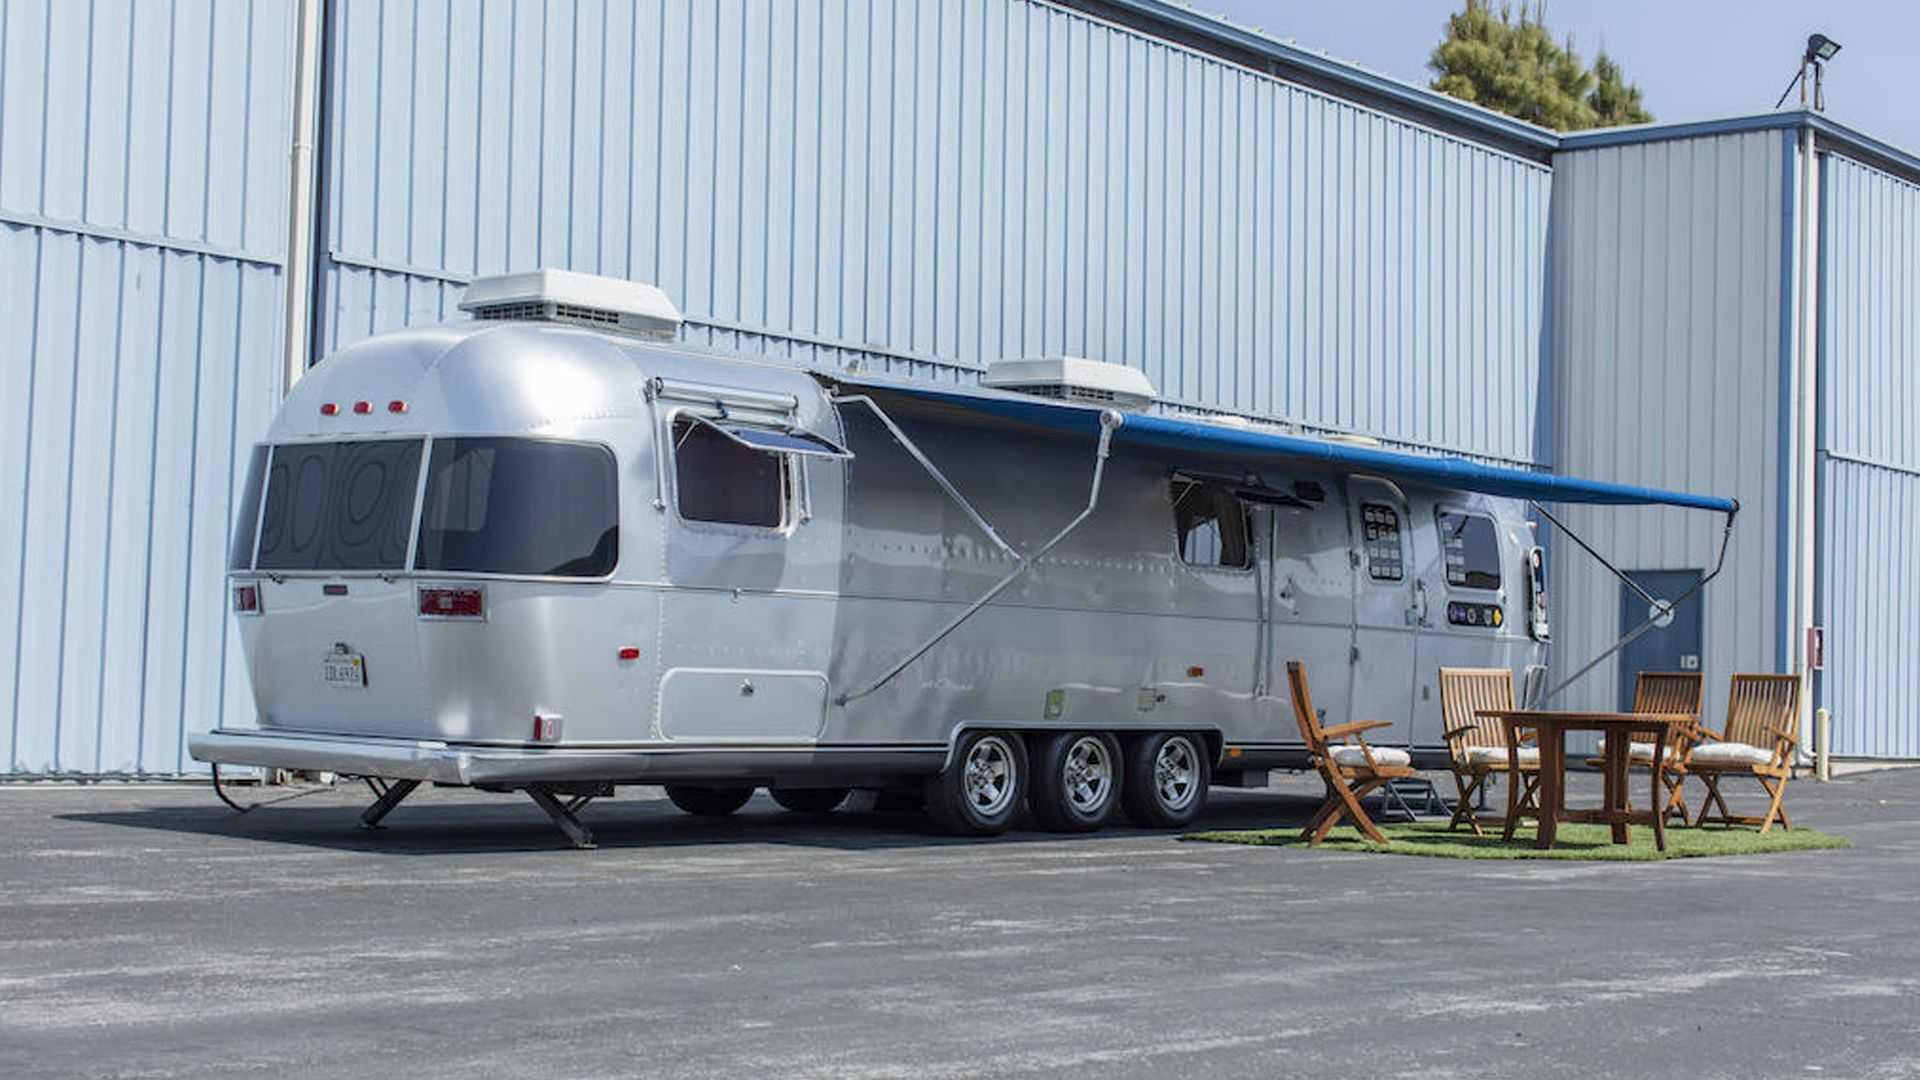 Известный голливудский актер Том Хэнкс много лет владел трейлером Airstream, который не раз использовался во время съемок. Теперь же мировая знаменитость готова расстаться со своим верным другом.